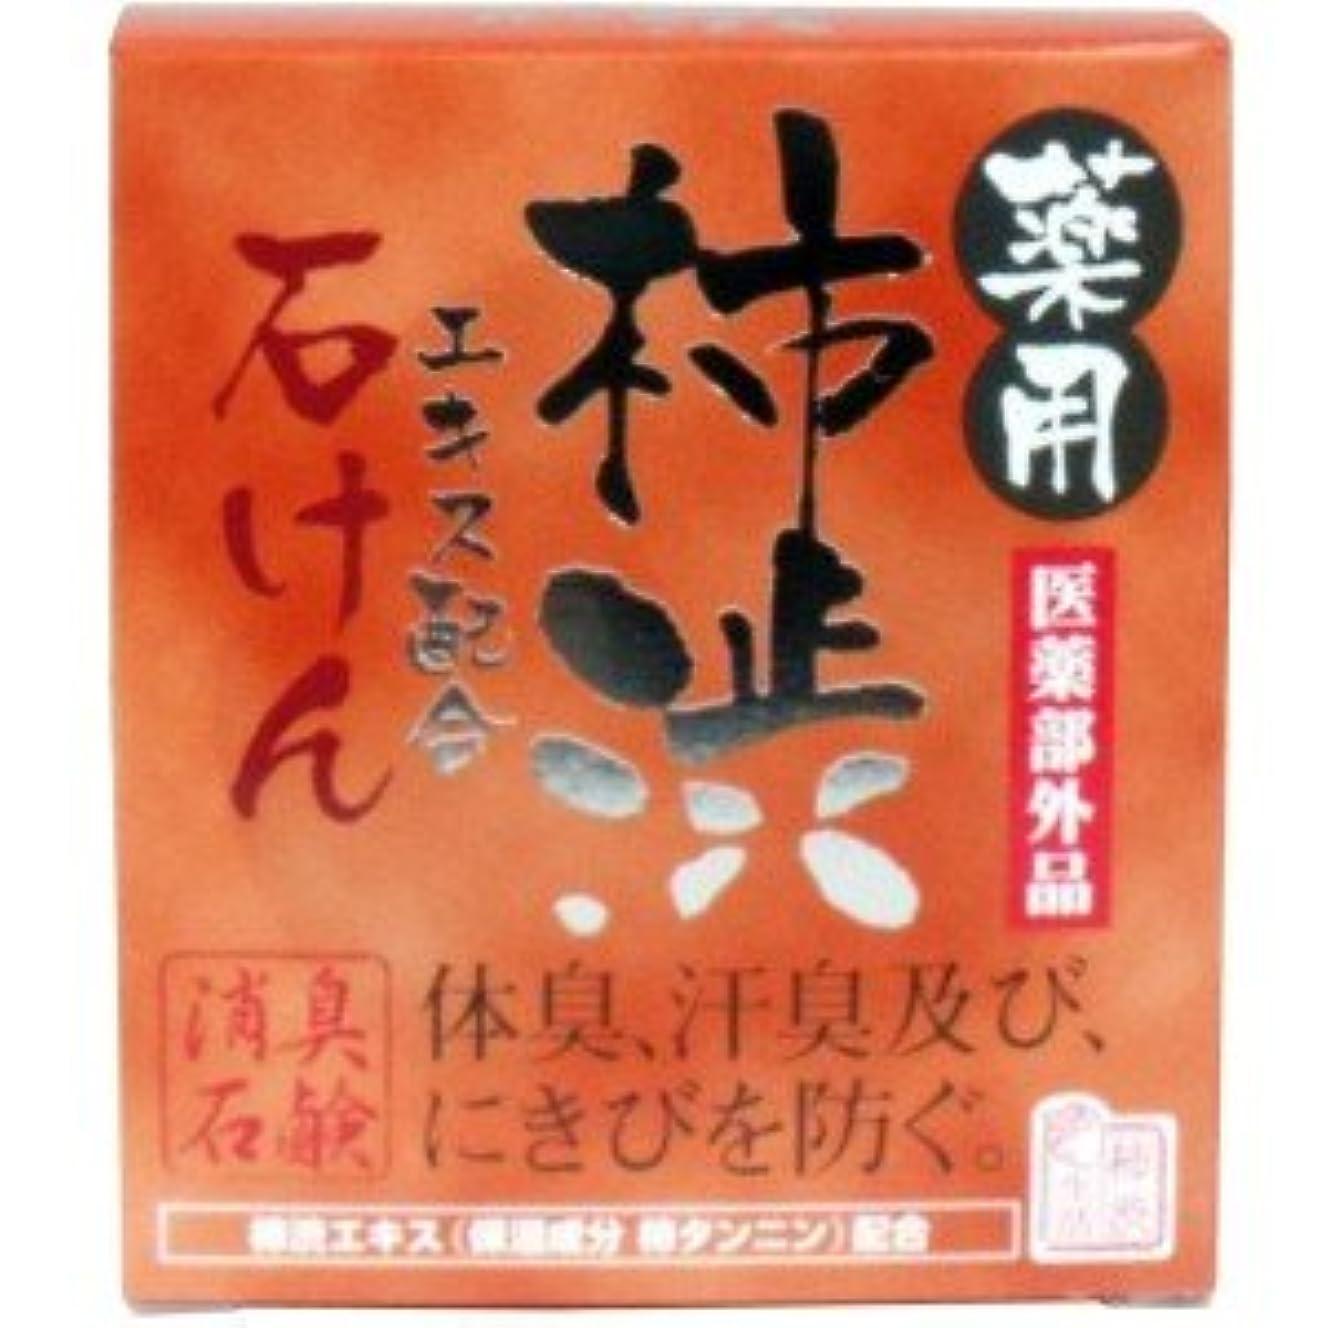 モスアイデアモス(2017年春の新商品)(マックス)薬用 柿渋エキス配合石けん 100g(医薬部外品)(お買い得3個セット)